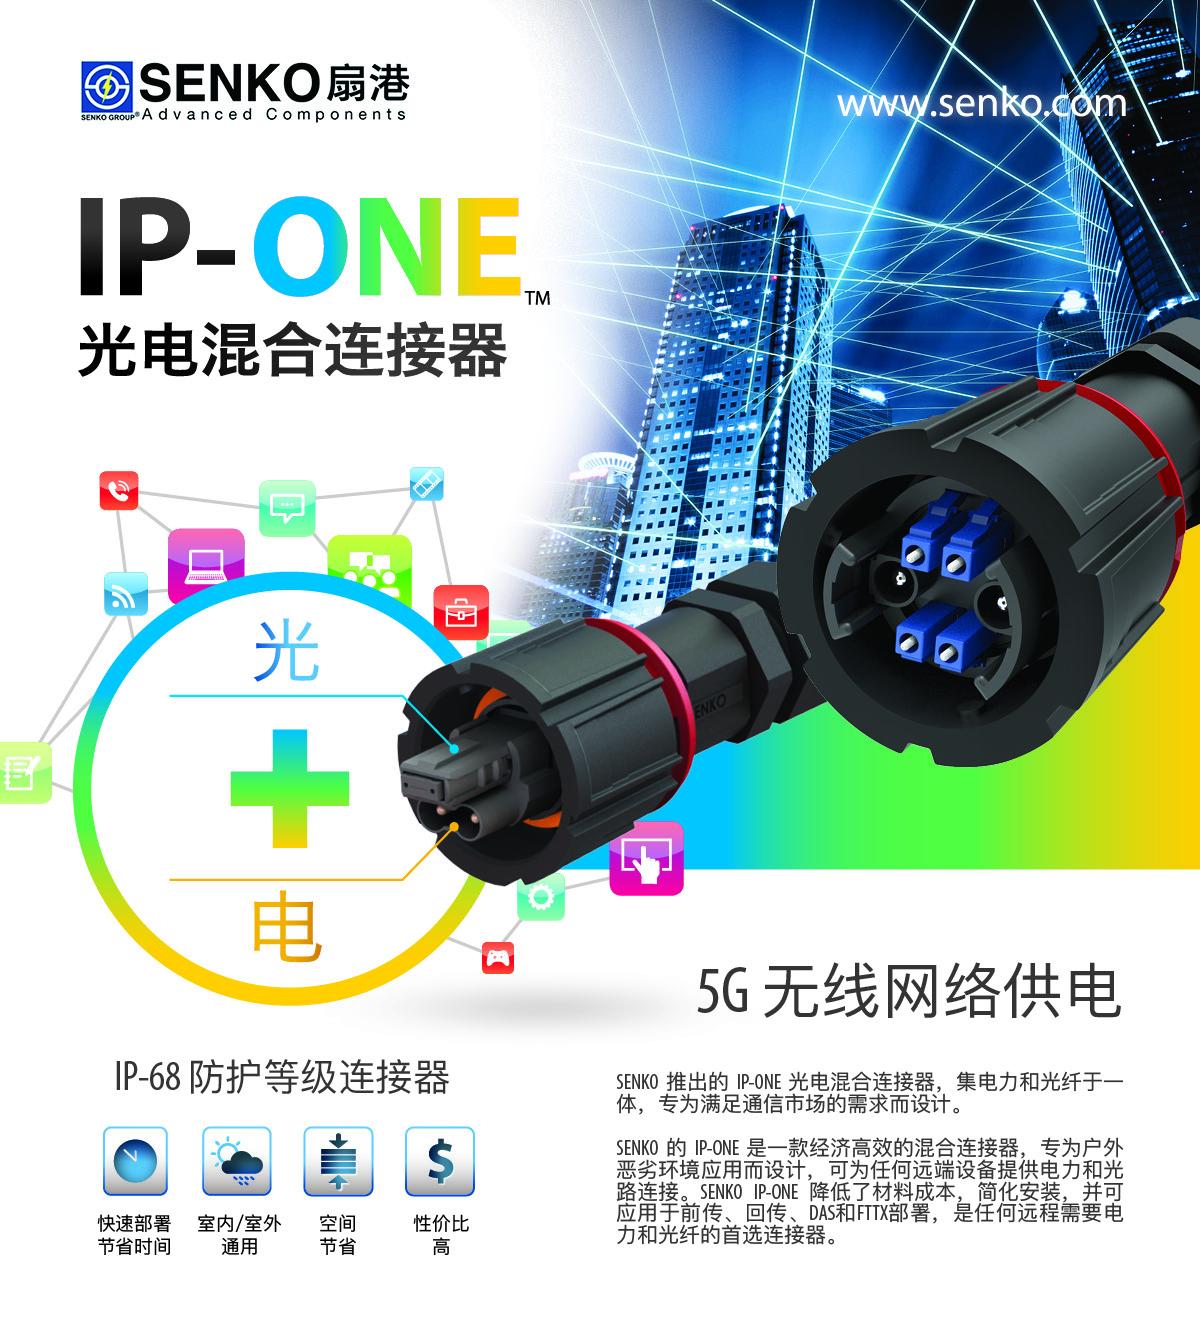 扇港IP系列防水连接器 助力5G网络建设